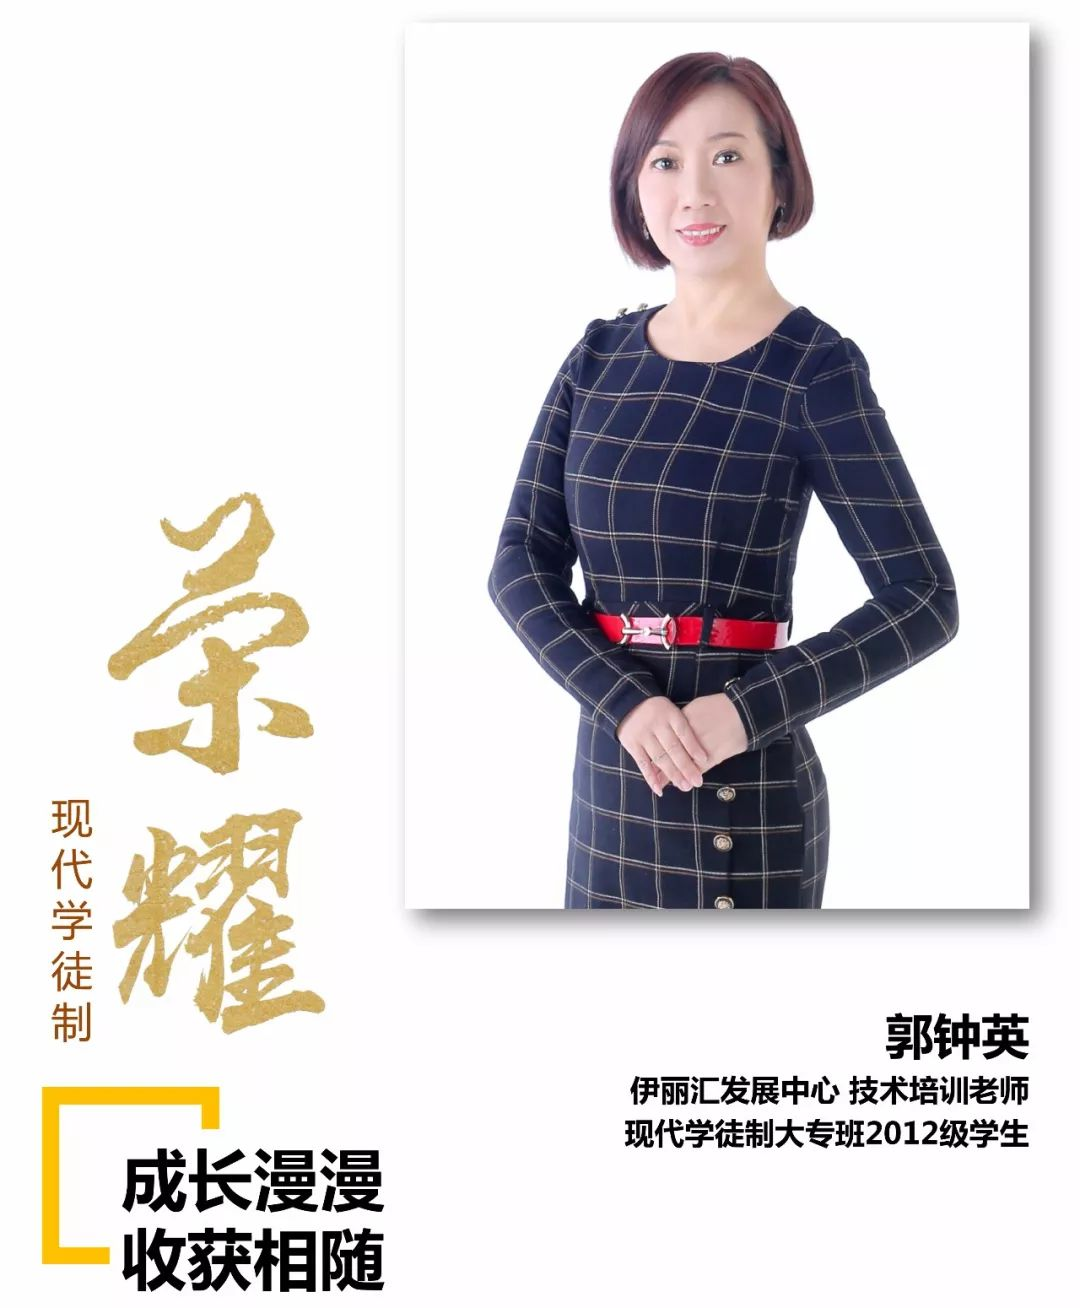 伊丽汇荣耀 | 美容技术培训老师:郭钟英脚踏实地,收获相随